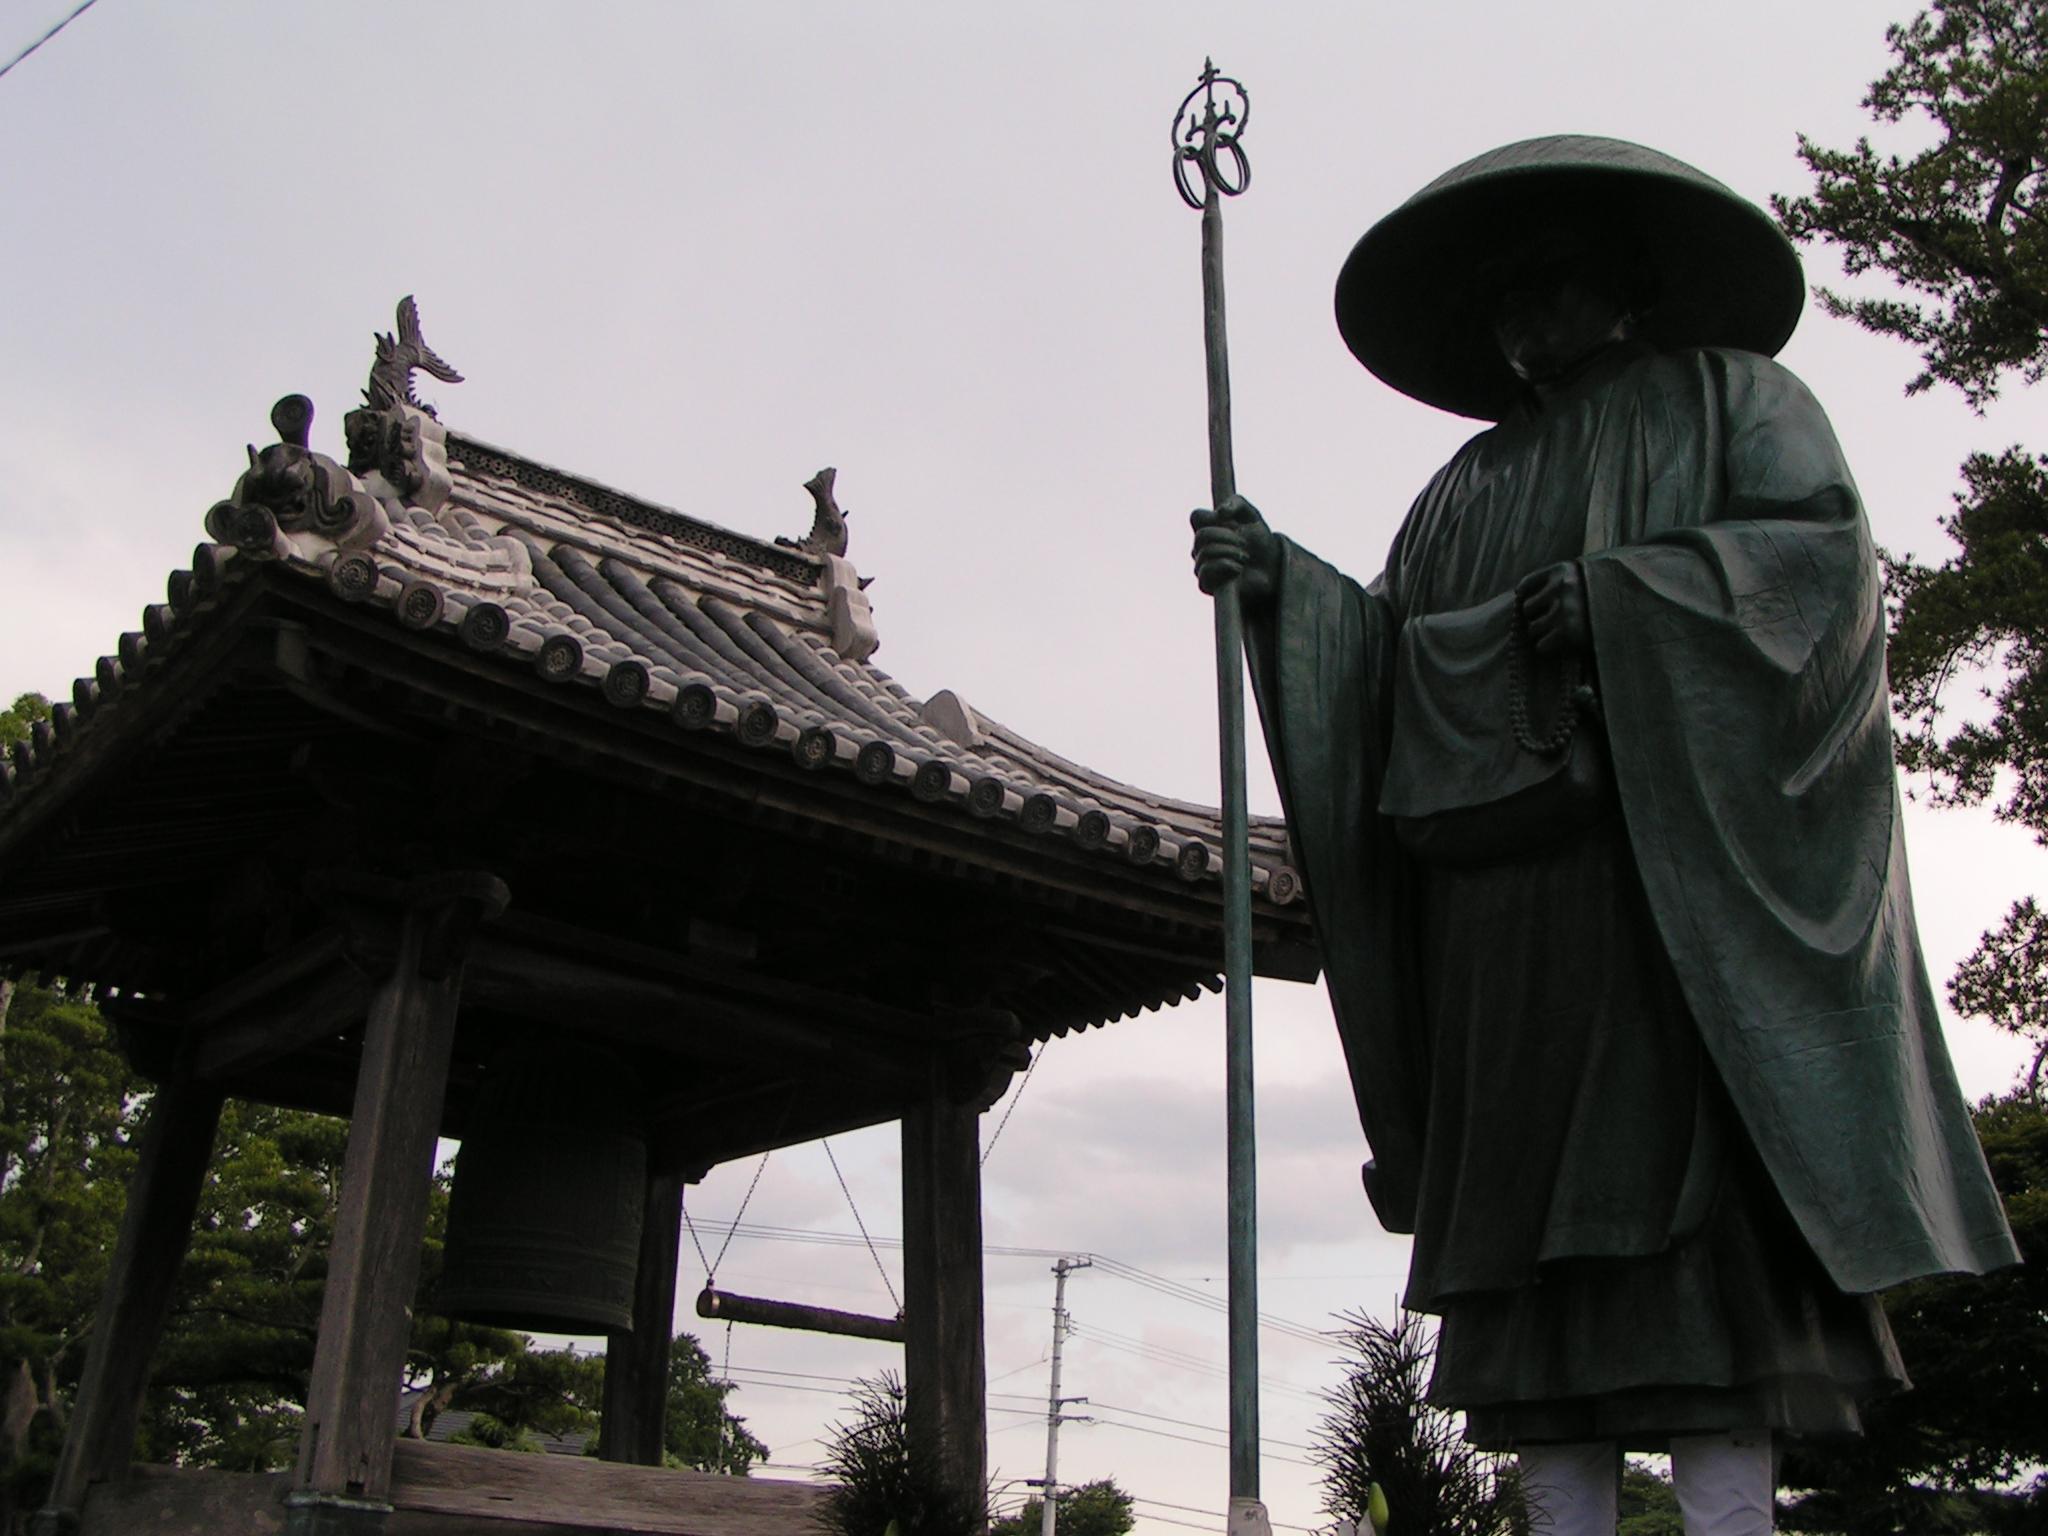 Jizoji, the 5th